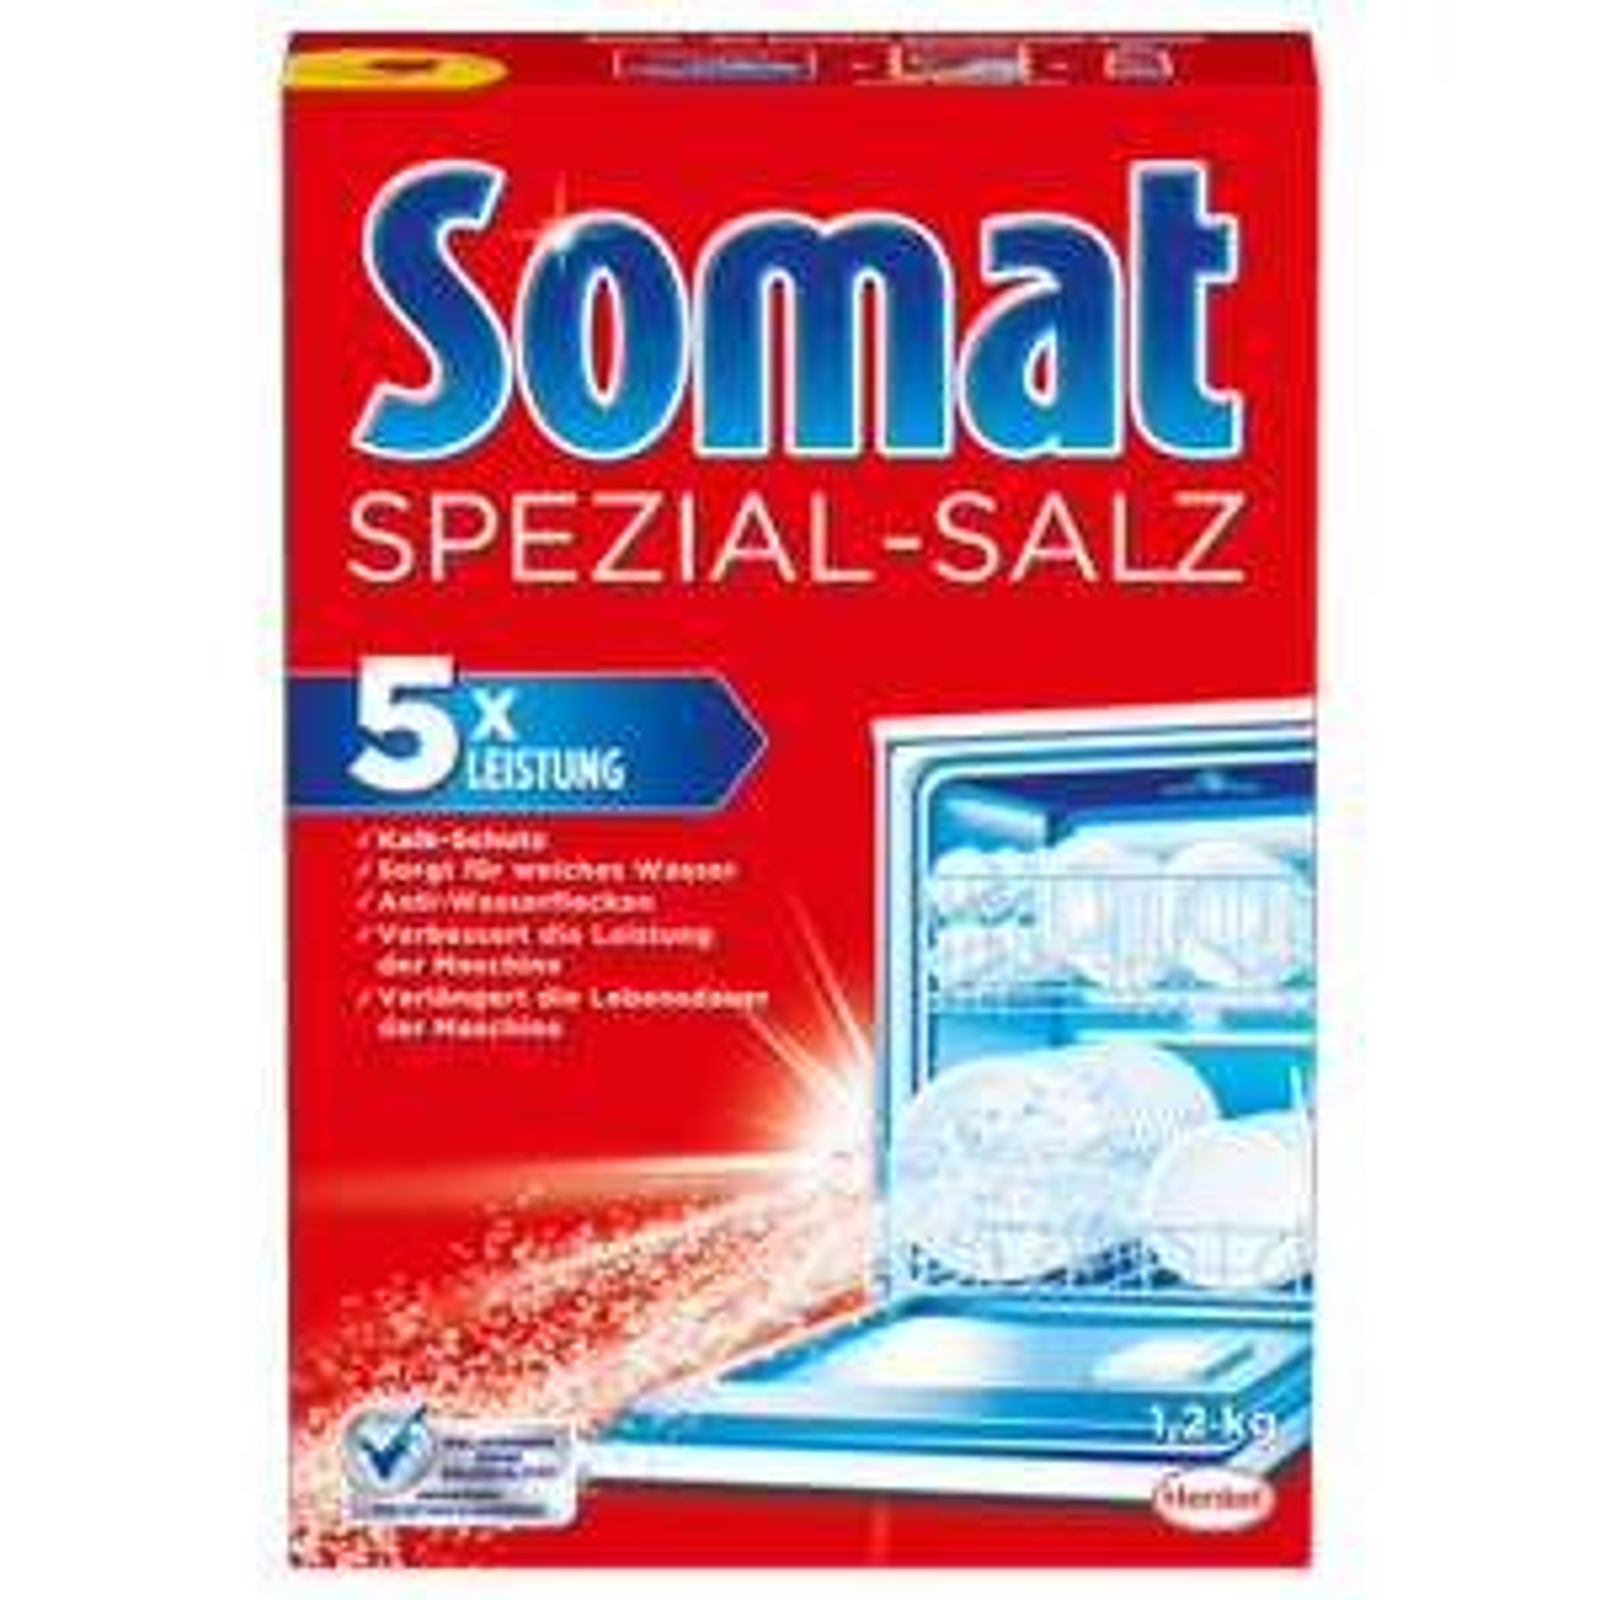 [Kaufland Do-Mi] 20% auf alle Somat Produkte z.b. 10x Spezial Salz mit Coupon für 2,60€ (Stückpreis 0,26€)